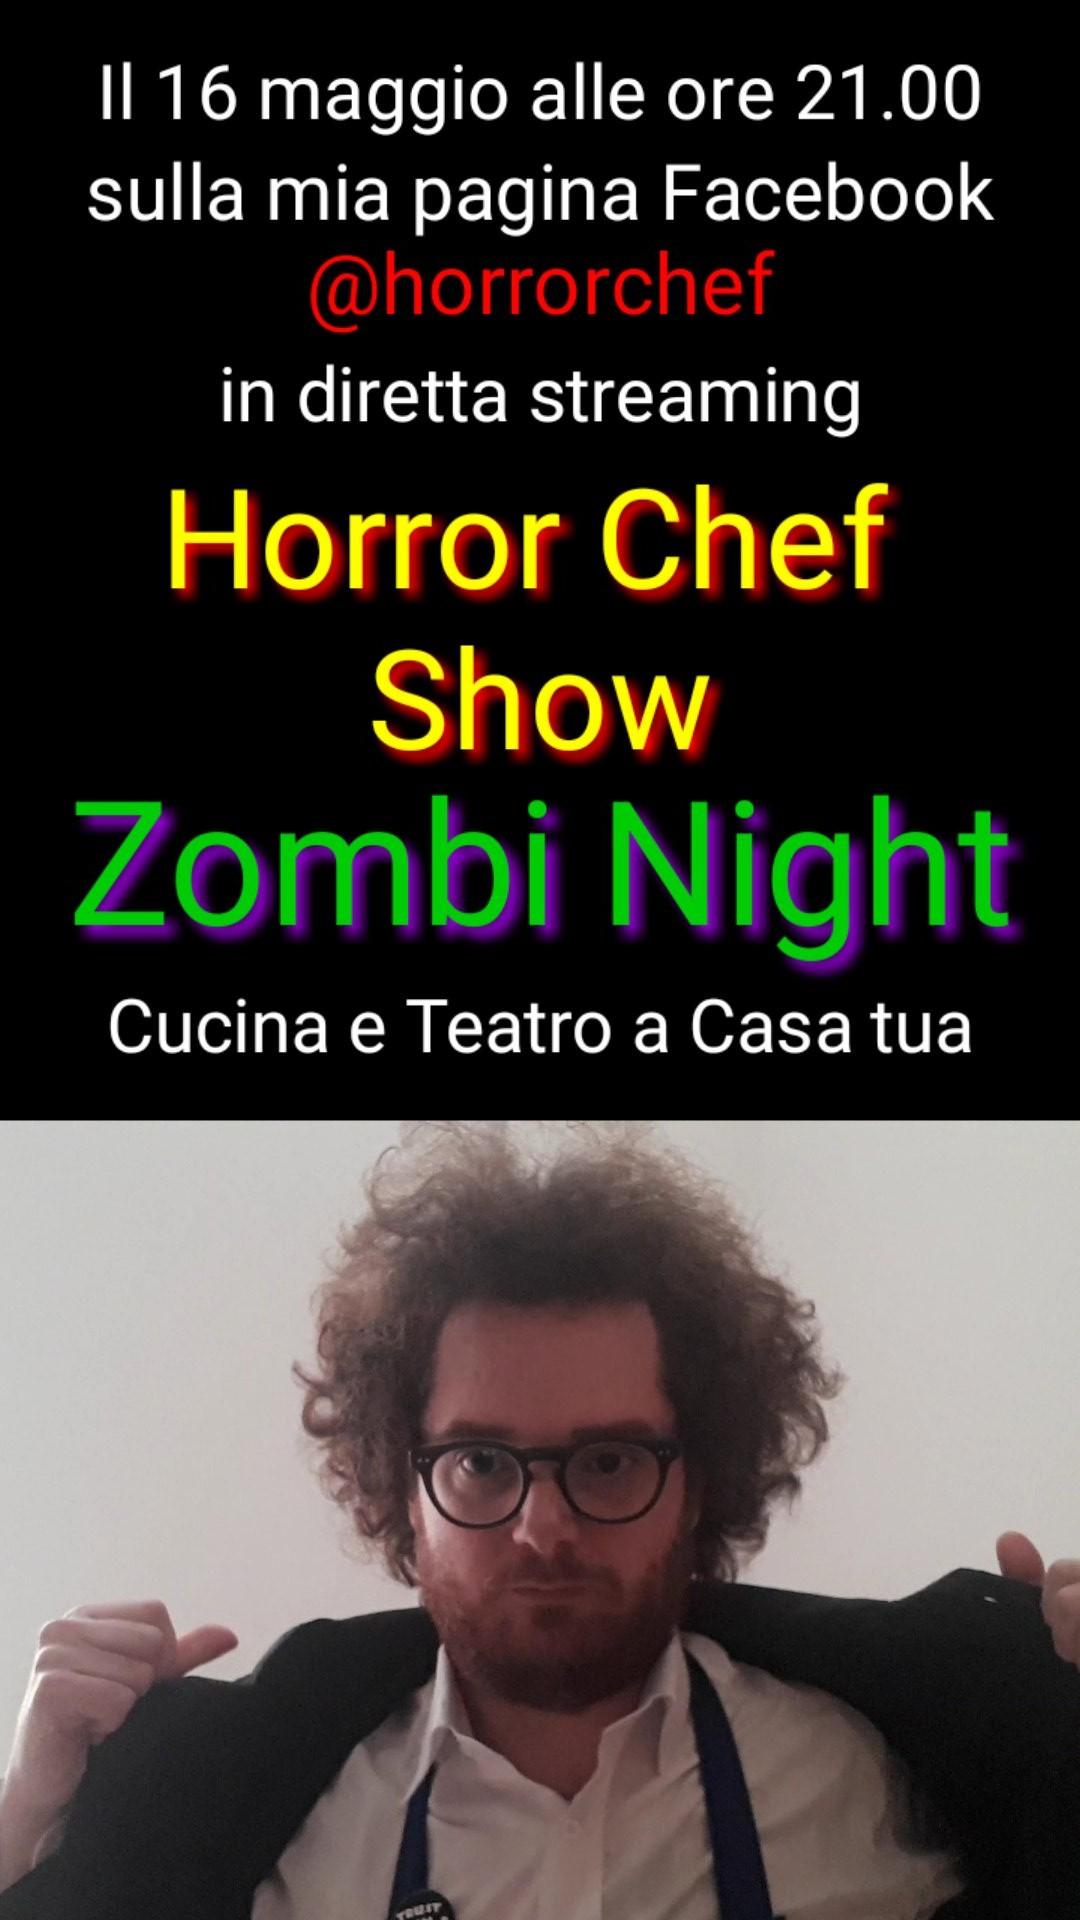 zombi night